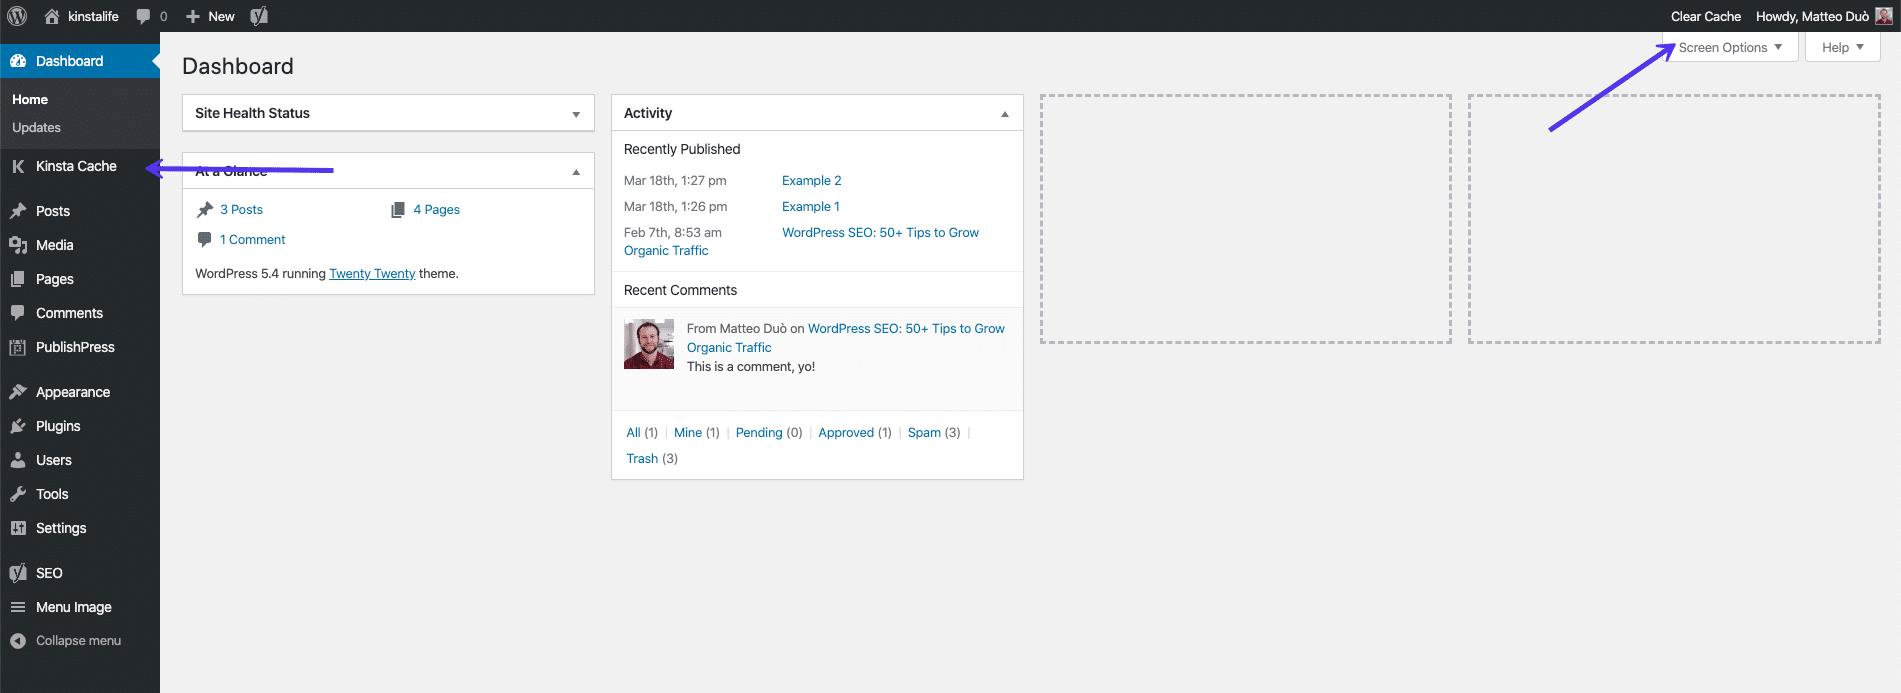 Come cancellare la cache del vostro sito